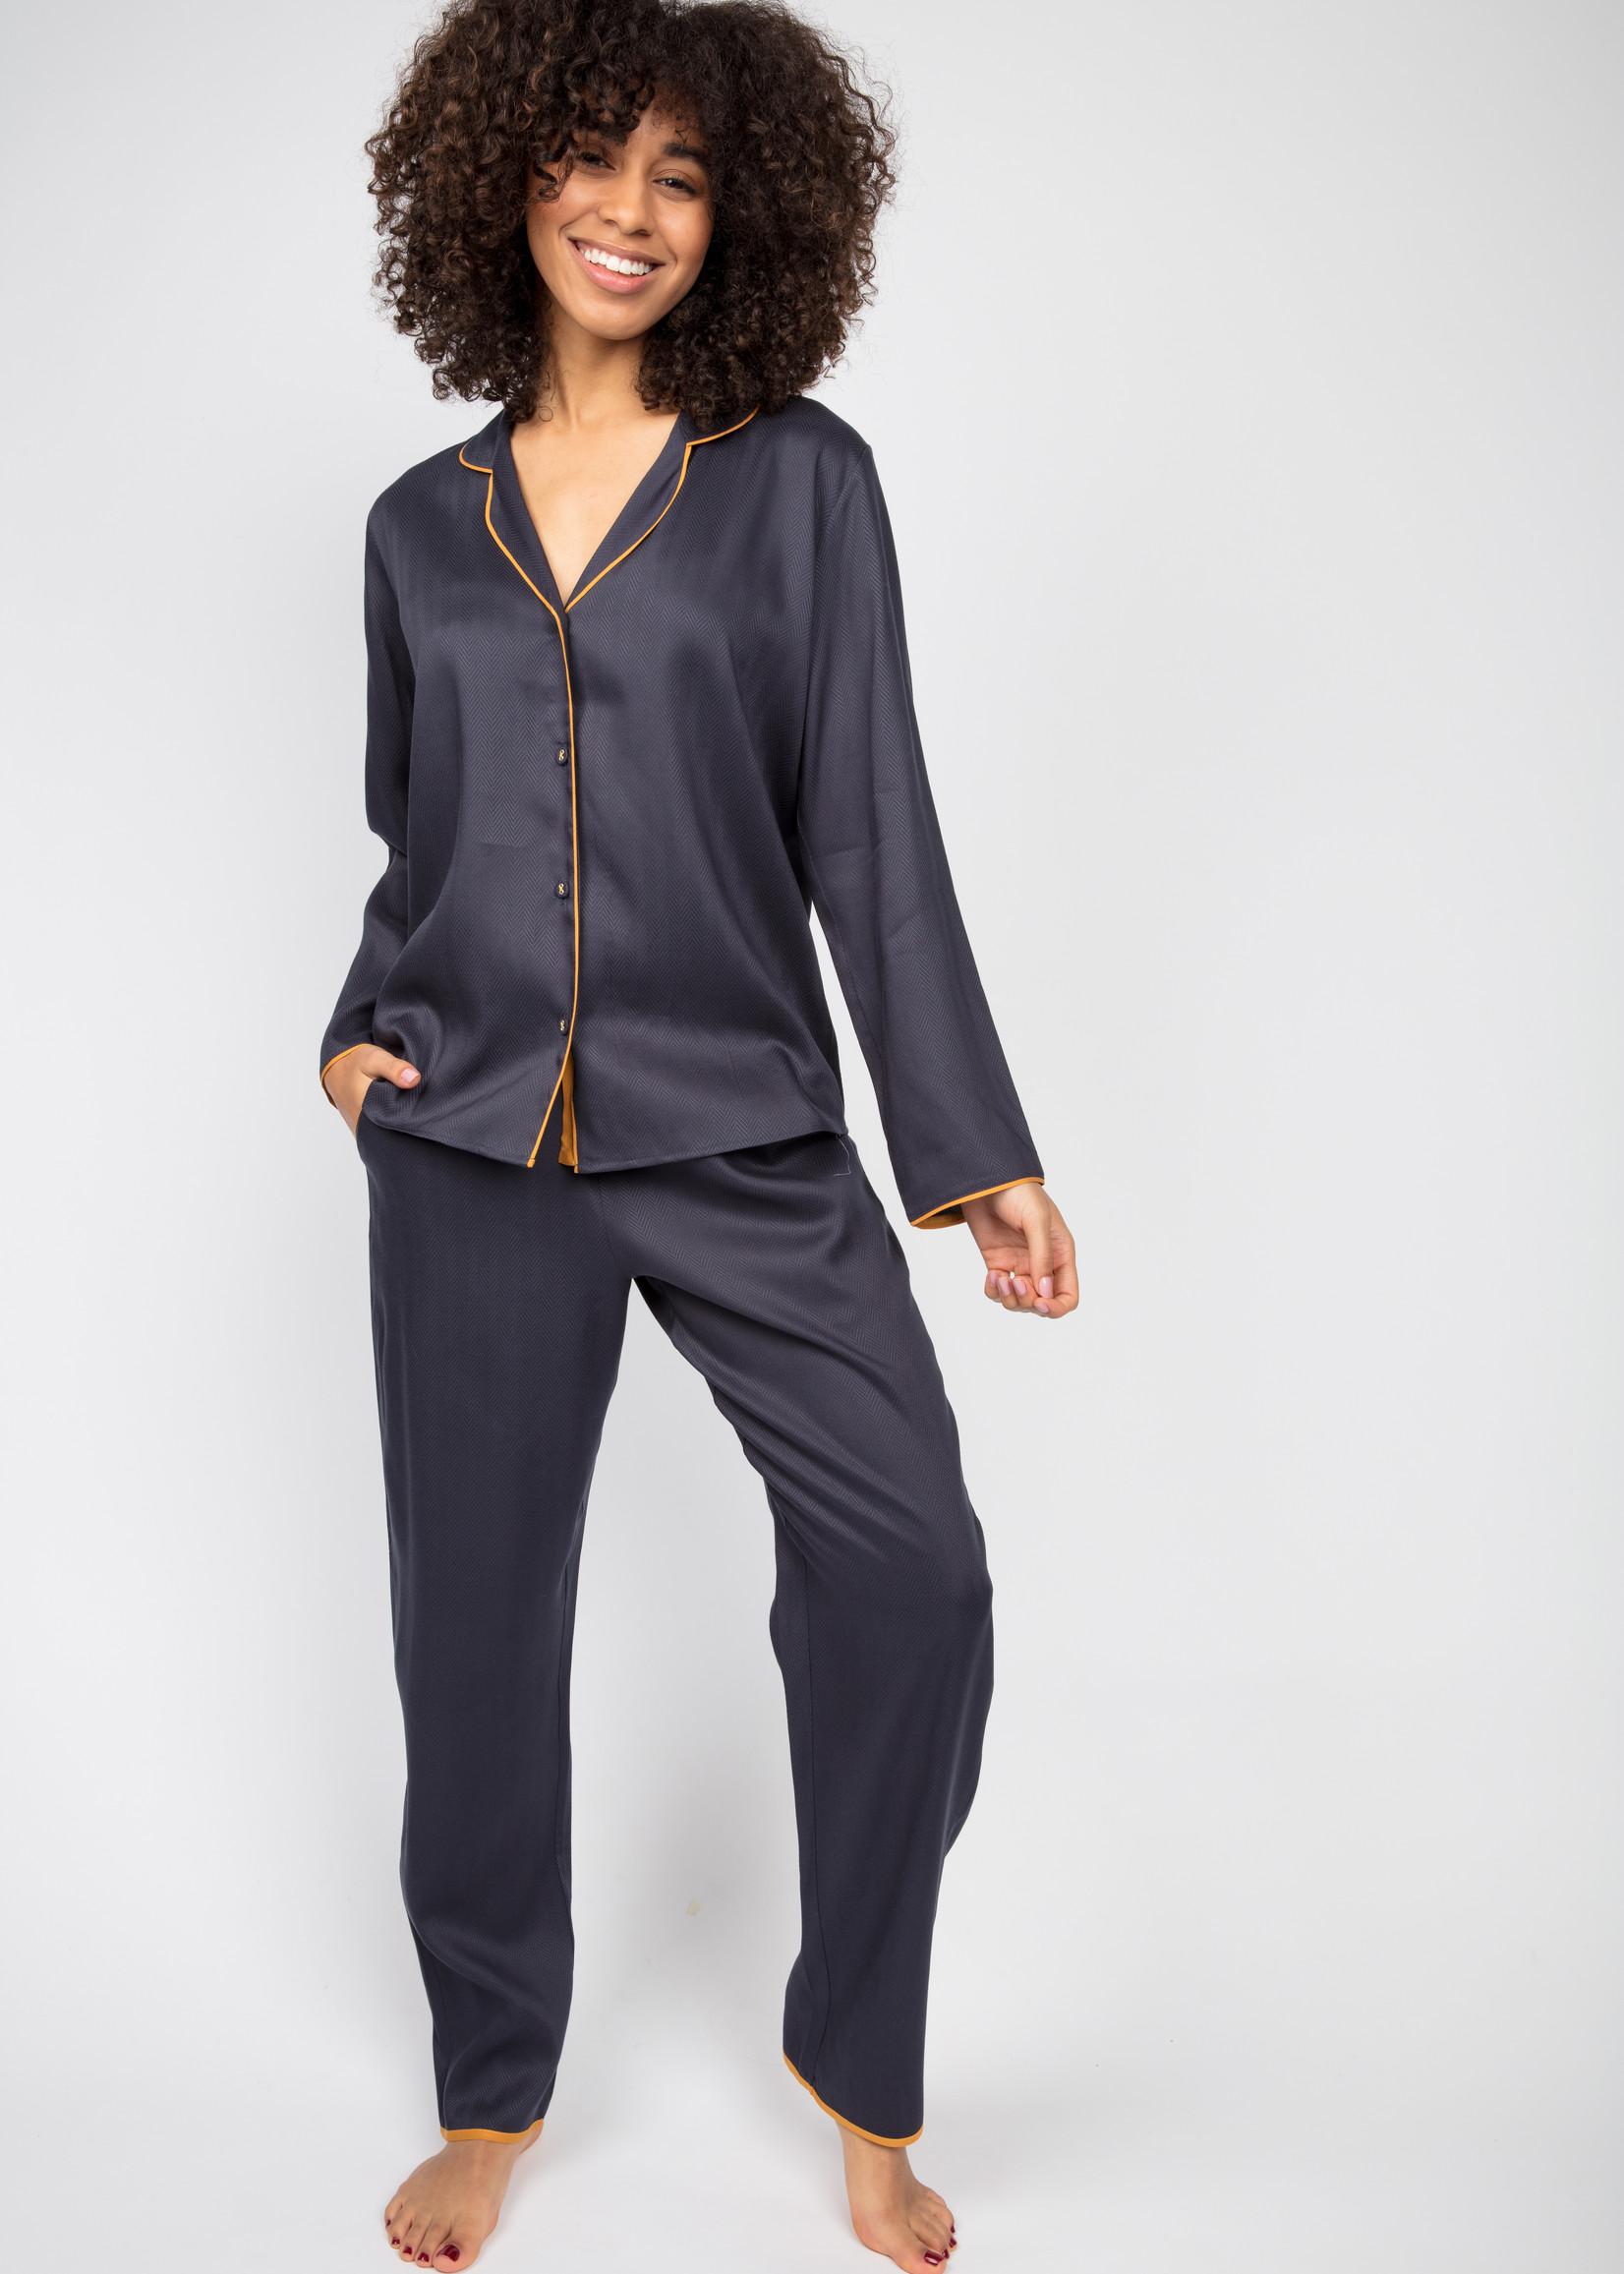 Cyberjammies Cyberjammies Rachel Herringbone Pyjama Top